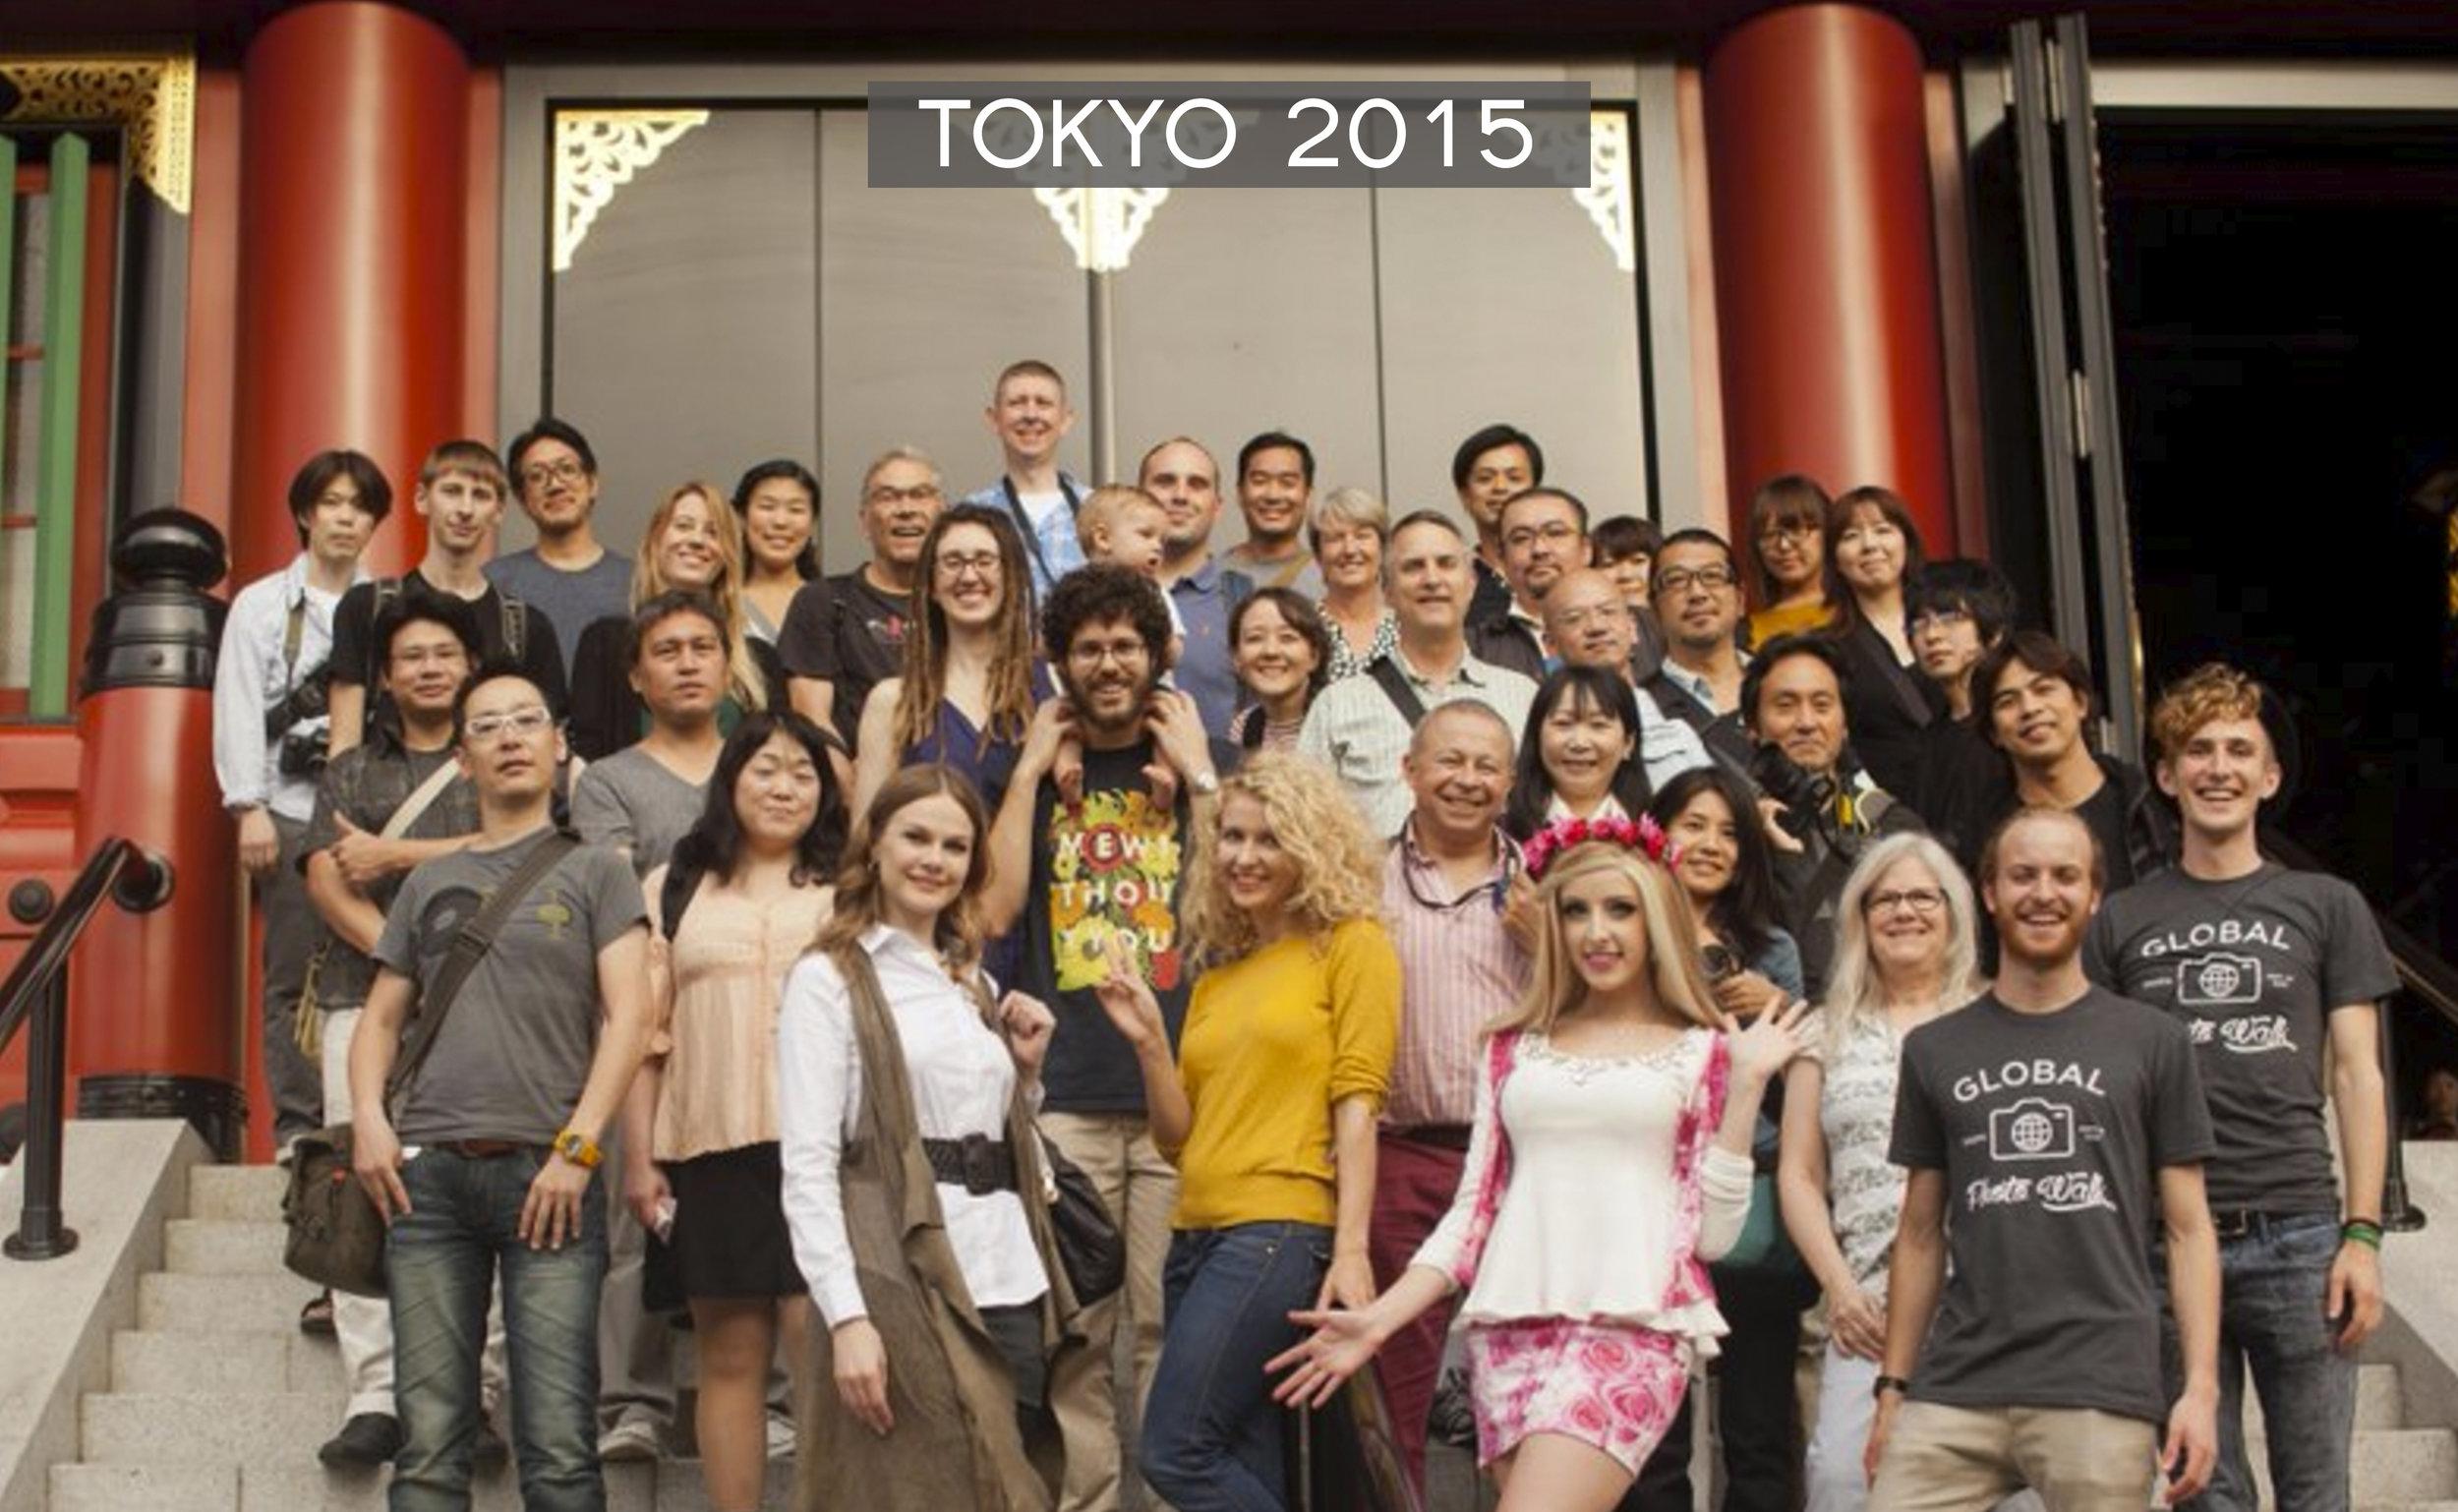 Tokyo 2015.jpg